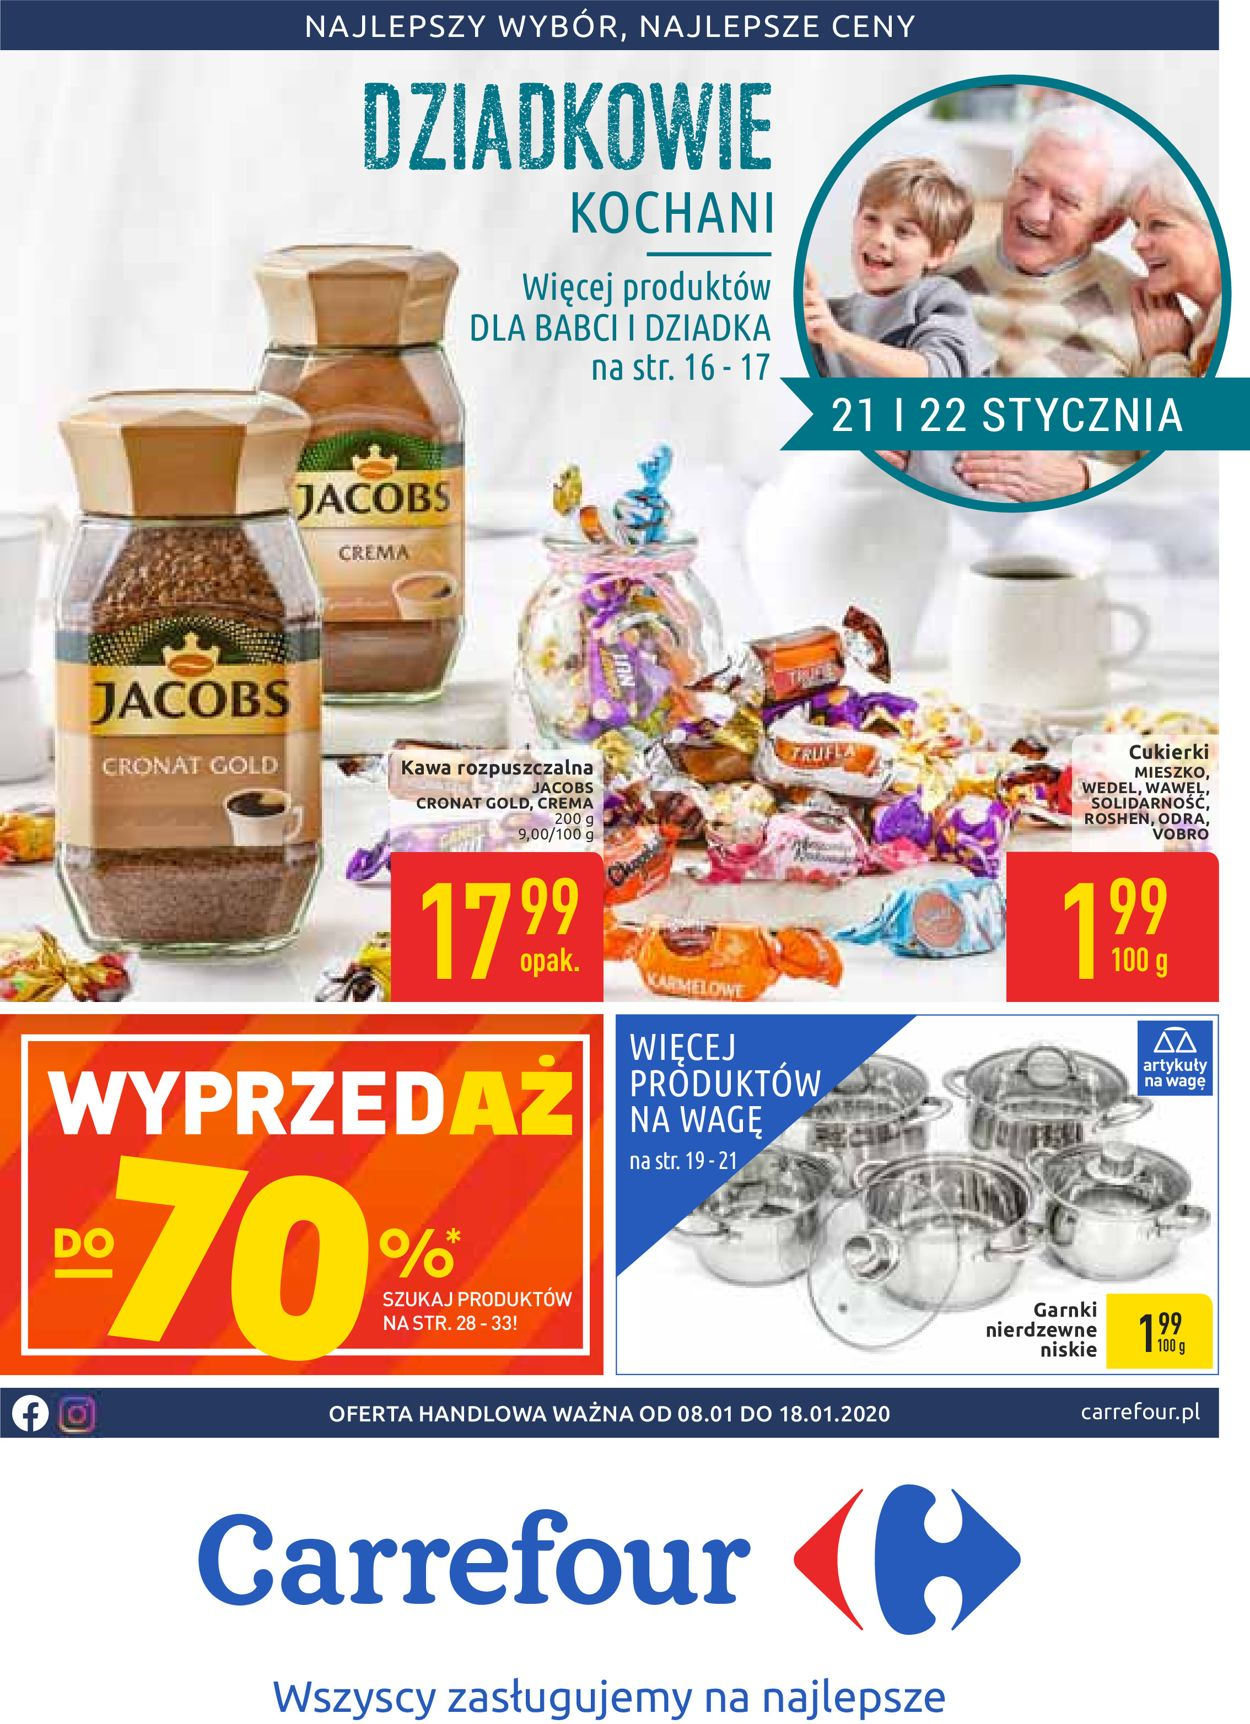 Gazetka promocyjna Carrefour - 08.01-18.01.2020